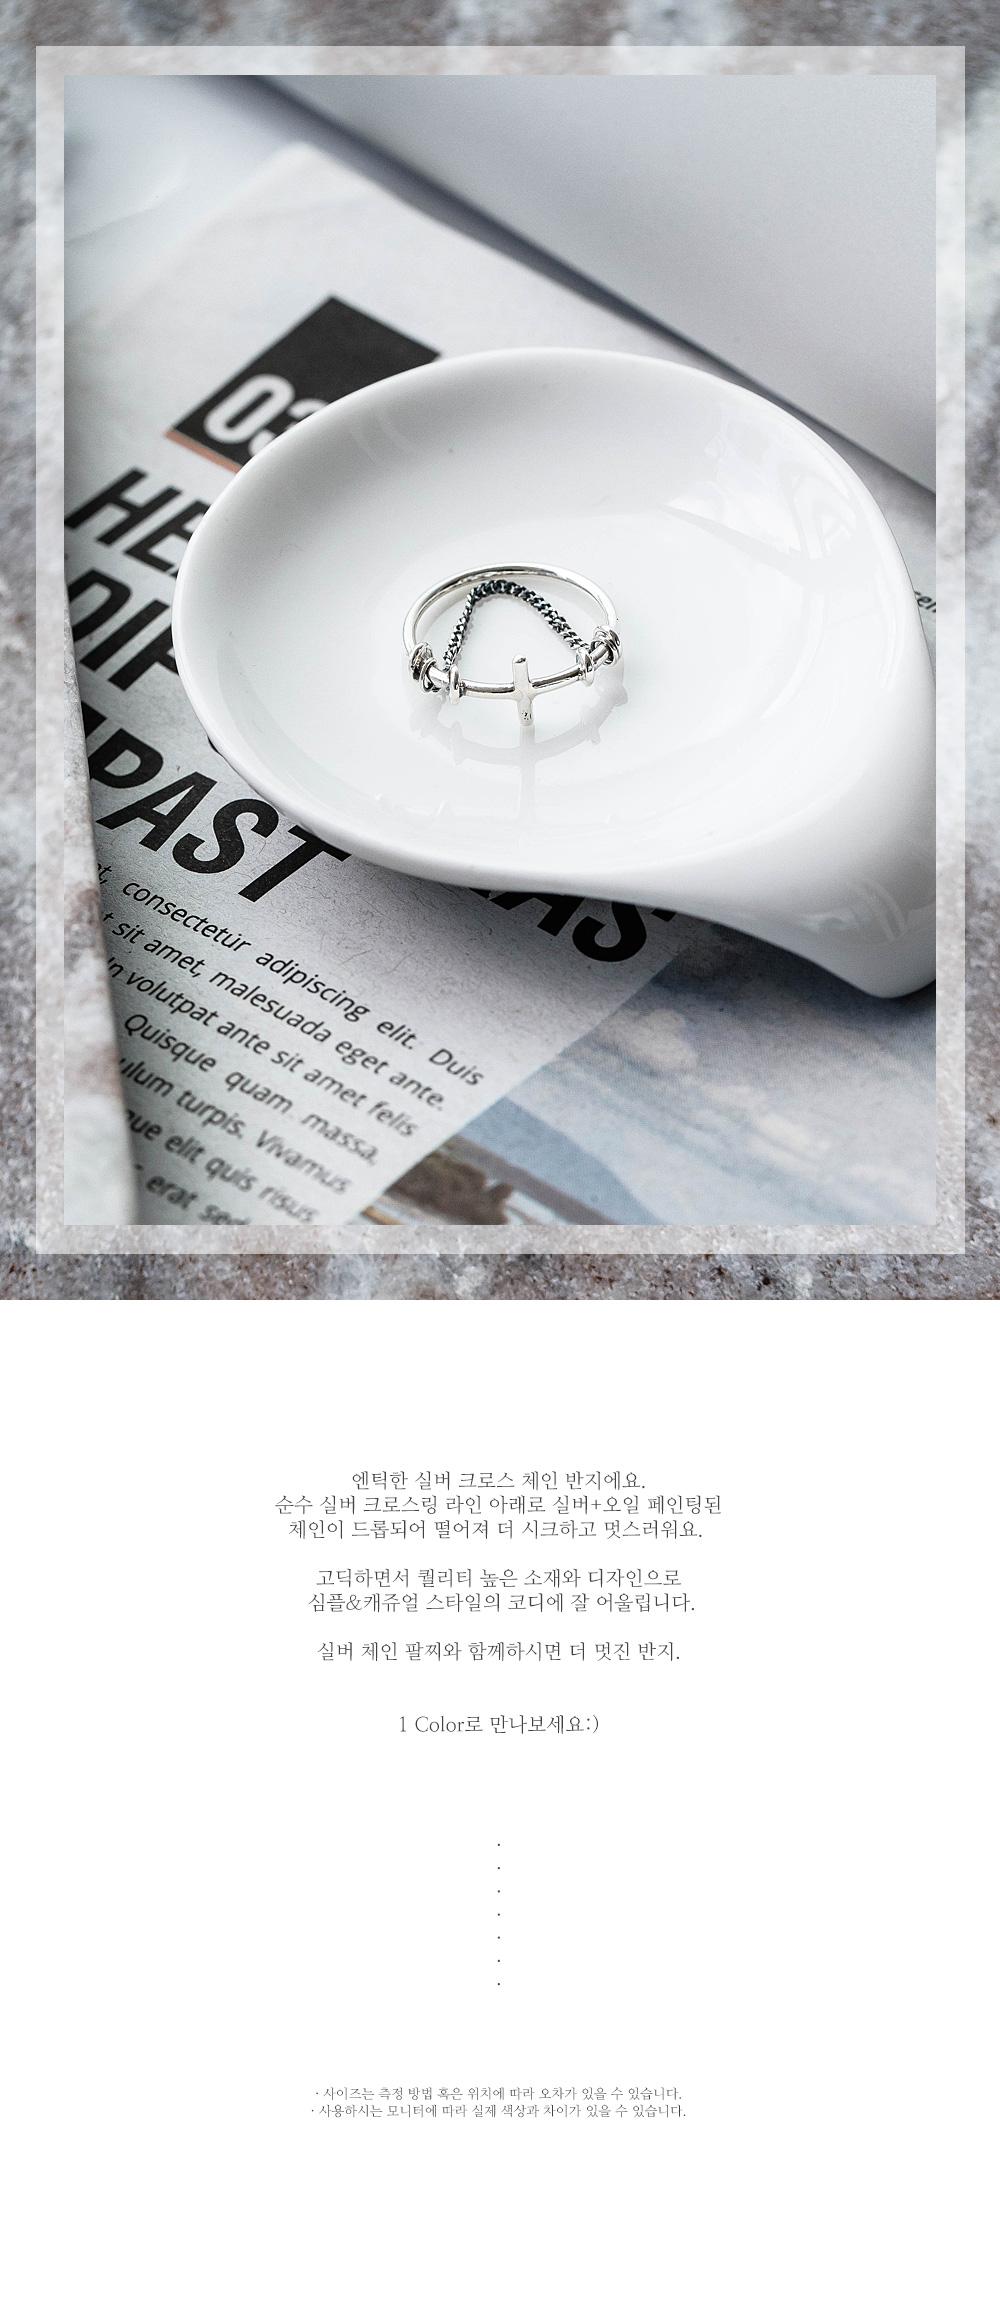 [실버] 엔틱 크로스 체인 반지 - 폭스타일, 20,000원, 실버, 진주/원석반지